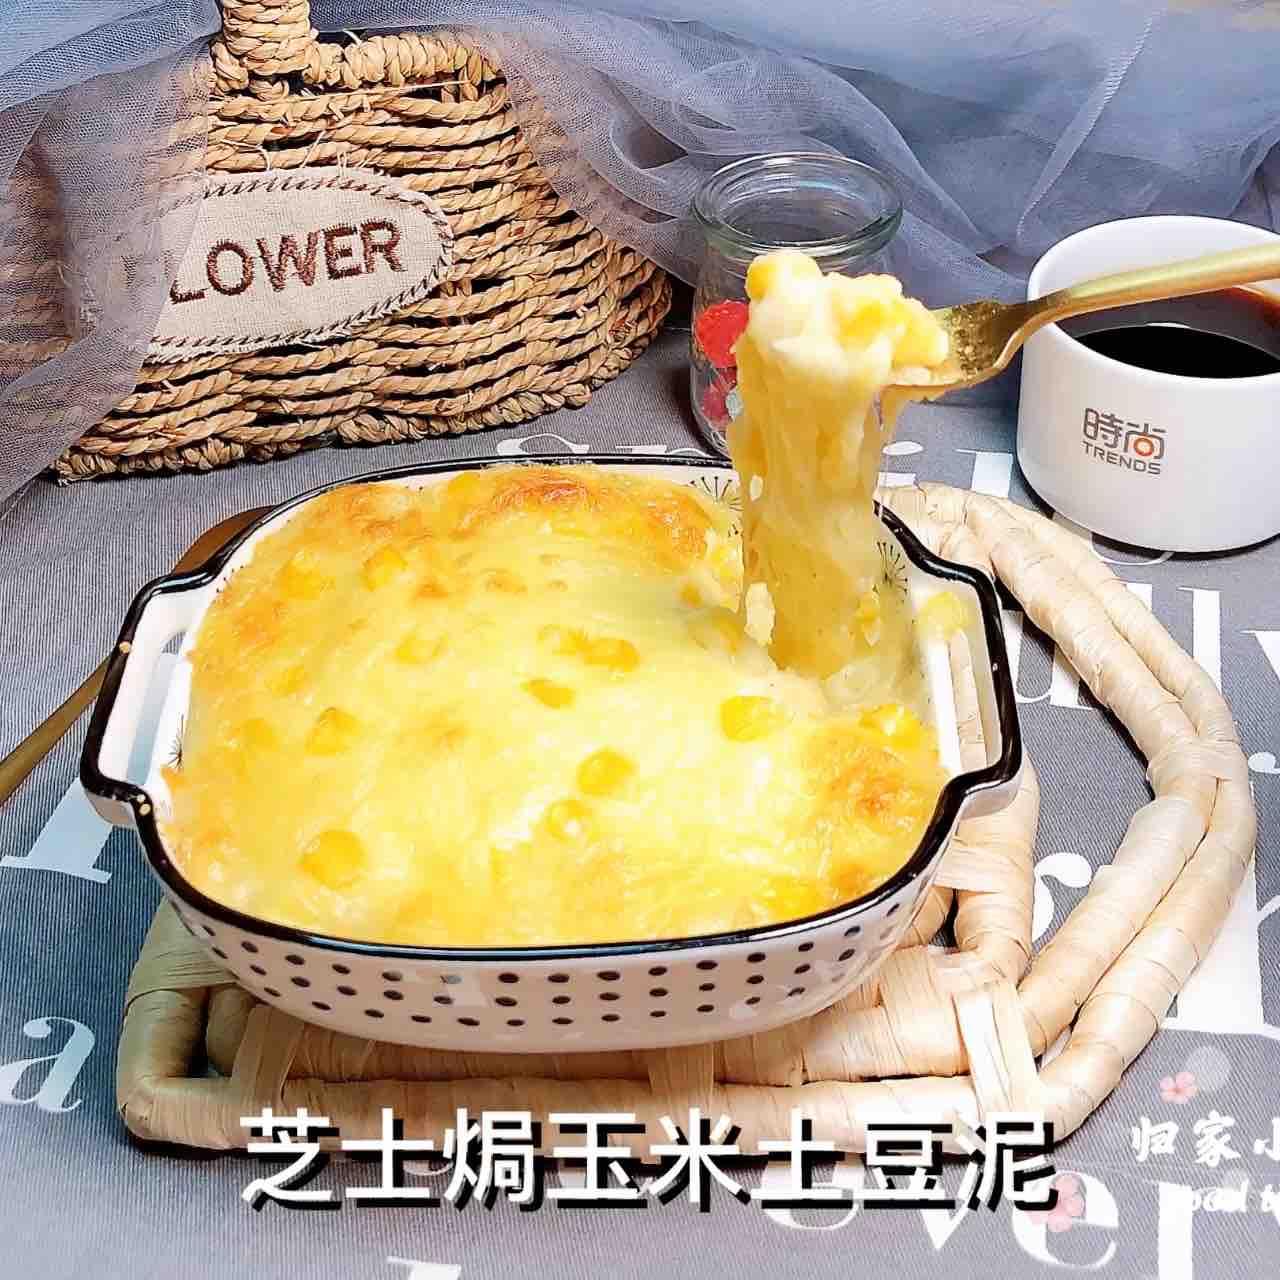 芝士焗玉米土豆泥